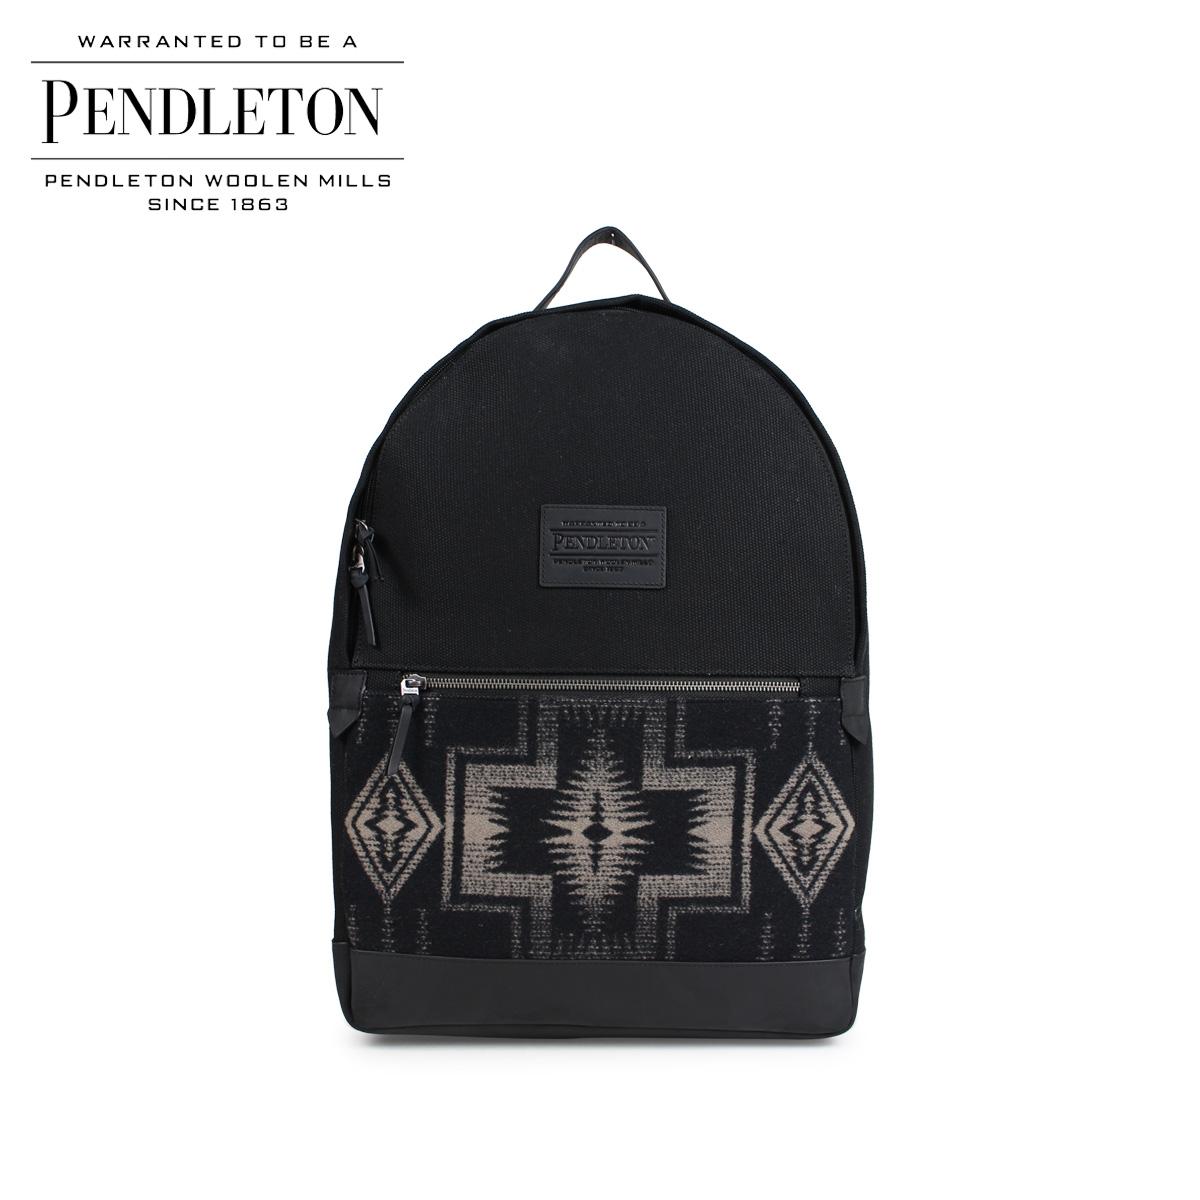 【最大2000円OFFクーポン】 ペンドルトン PENDLETON バックパック リュック メンズ レディース BACKPACK ブラック GC834